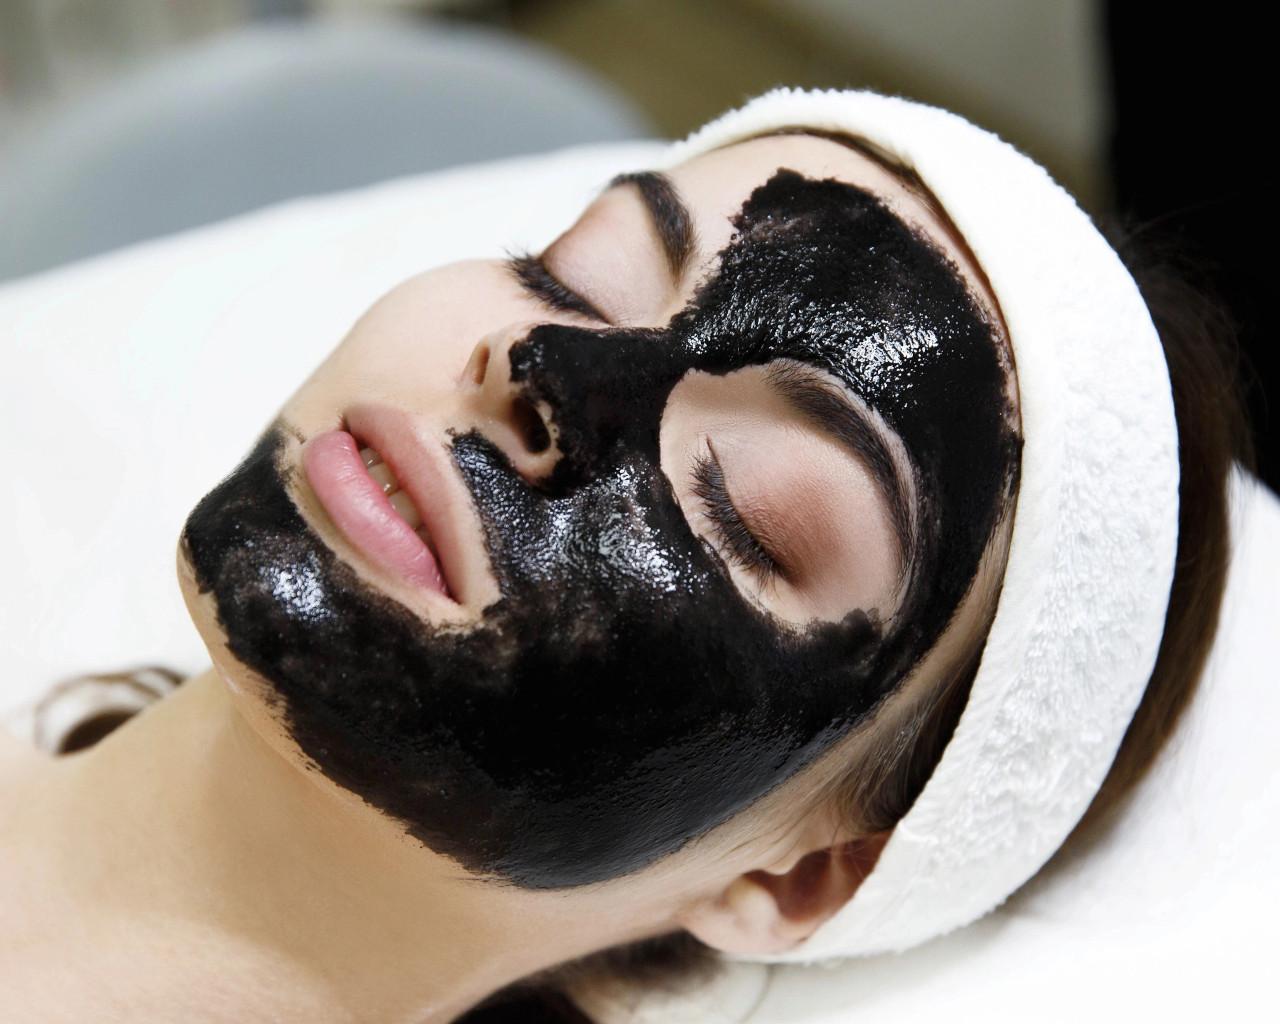 μαυρη μασκα προσωπου,μαυρη μασκα προσωπου για πορουσ,μαυρη μασκα προσωπου φαρμακειο,μαυρη μασκα προσωπου natura siberica,μαυρη μασκα προσωπου frezyderm,μαυρη μασκα προσωπου,μαυρη μασκα προσωπου χρηση,μαυρη μασκα προσωπου hondos center,μαυρη μασκα προσωπου σπιτικη